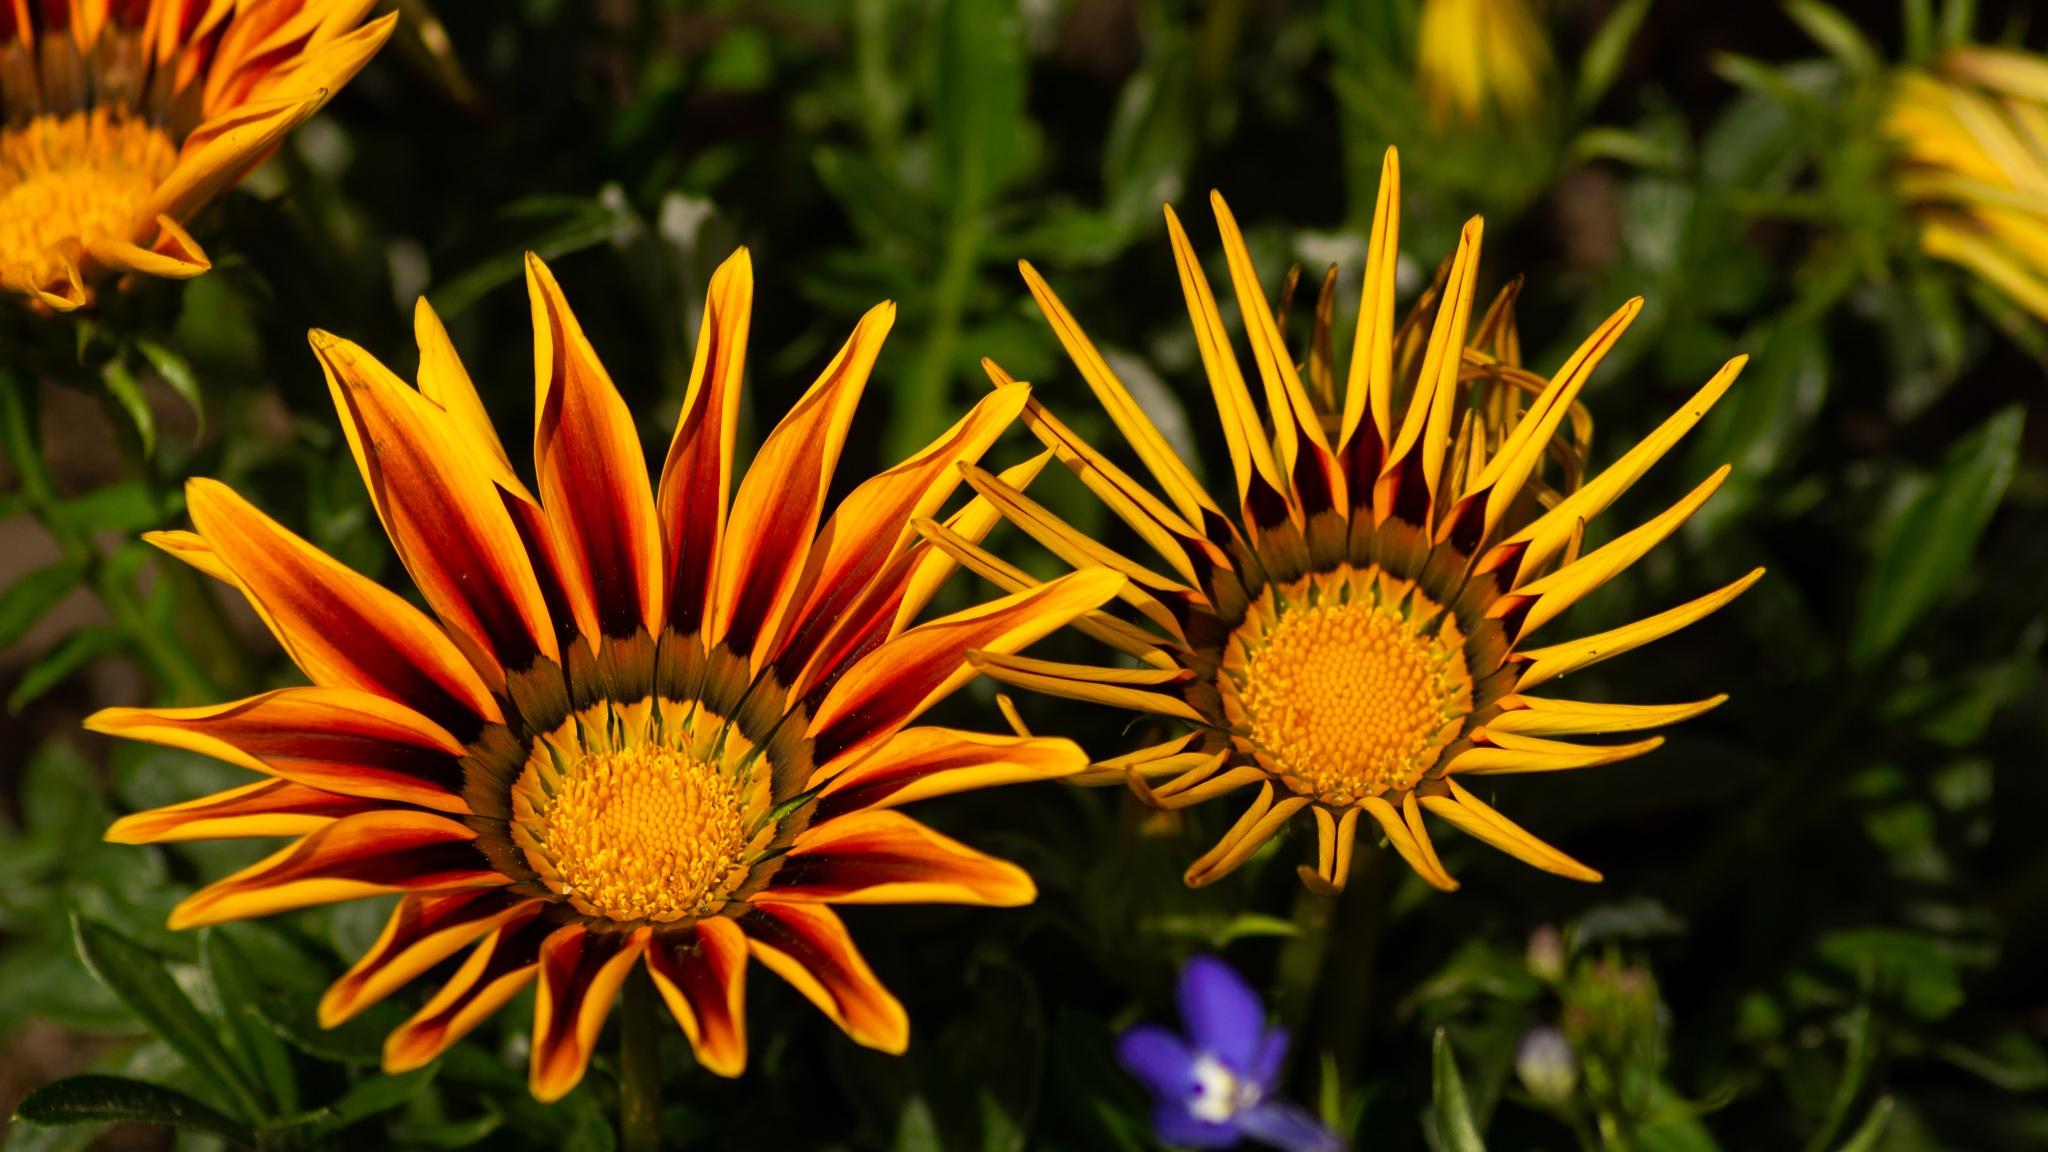 Flowers opening  by Marcelo Hernan Zimmt